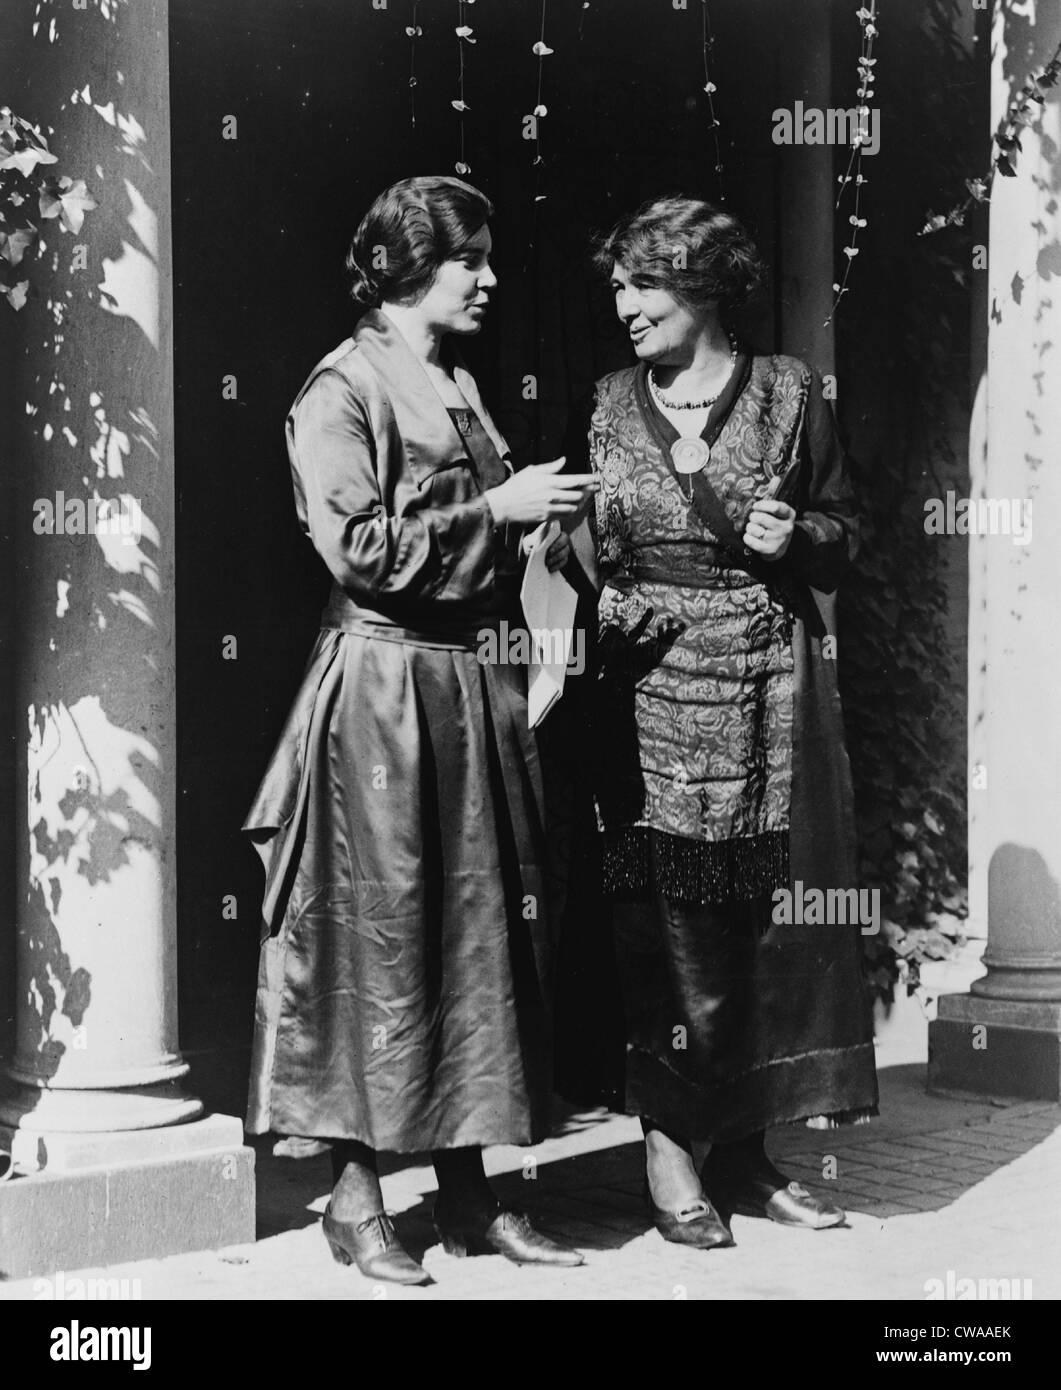 Alice Paul (1885-1977) y Emmeline Pethick-Lawrence (1867-1954) activistas estadounidenses y británicos por el sufragio femenino y la igualdad Foto de stock